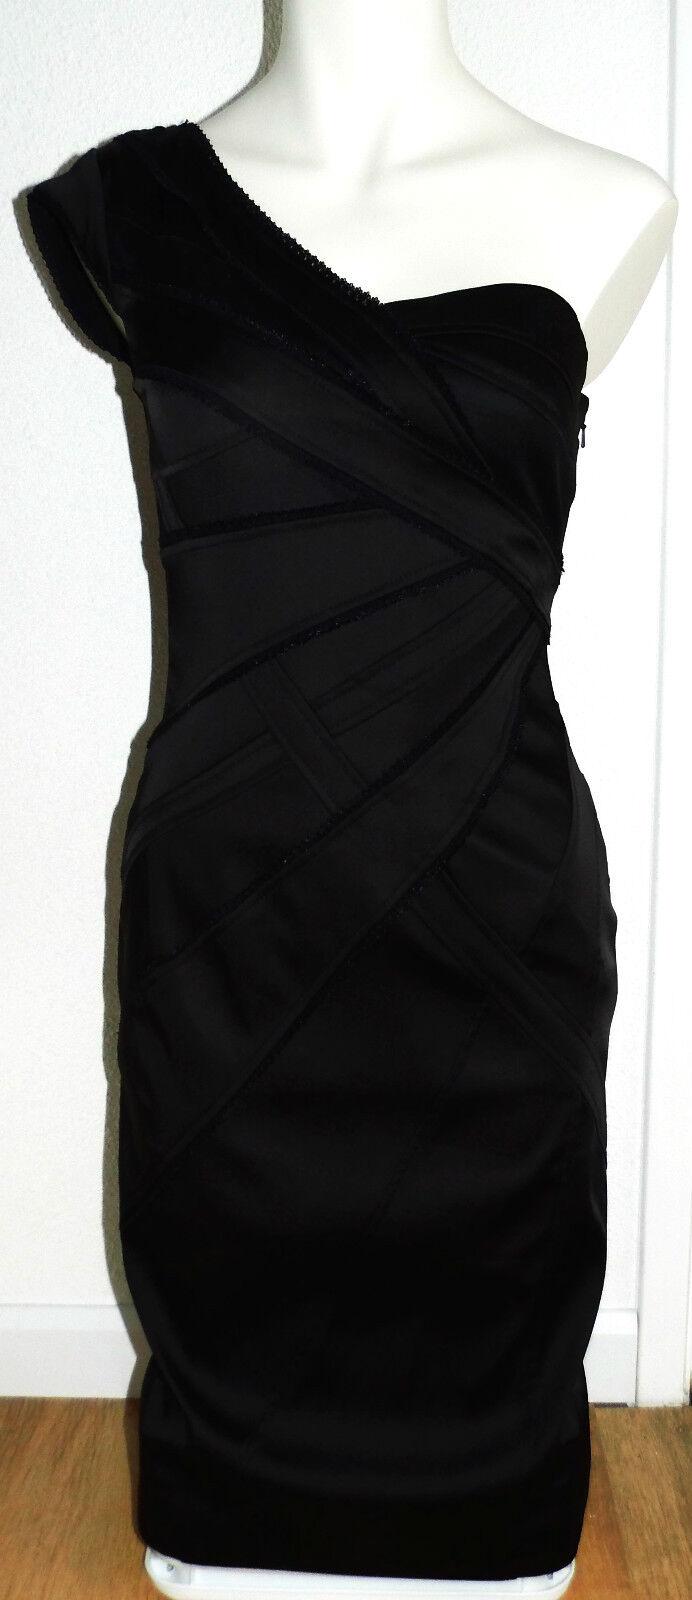 Karen Millen Dress size UK10 EU38 retail 220 NEW NEW NEW e4abe9